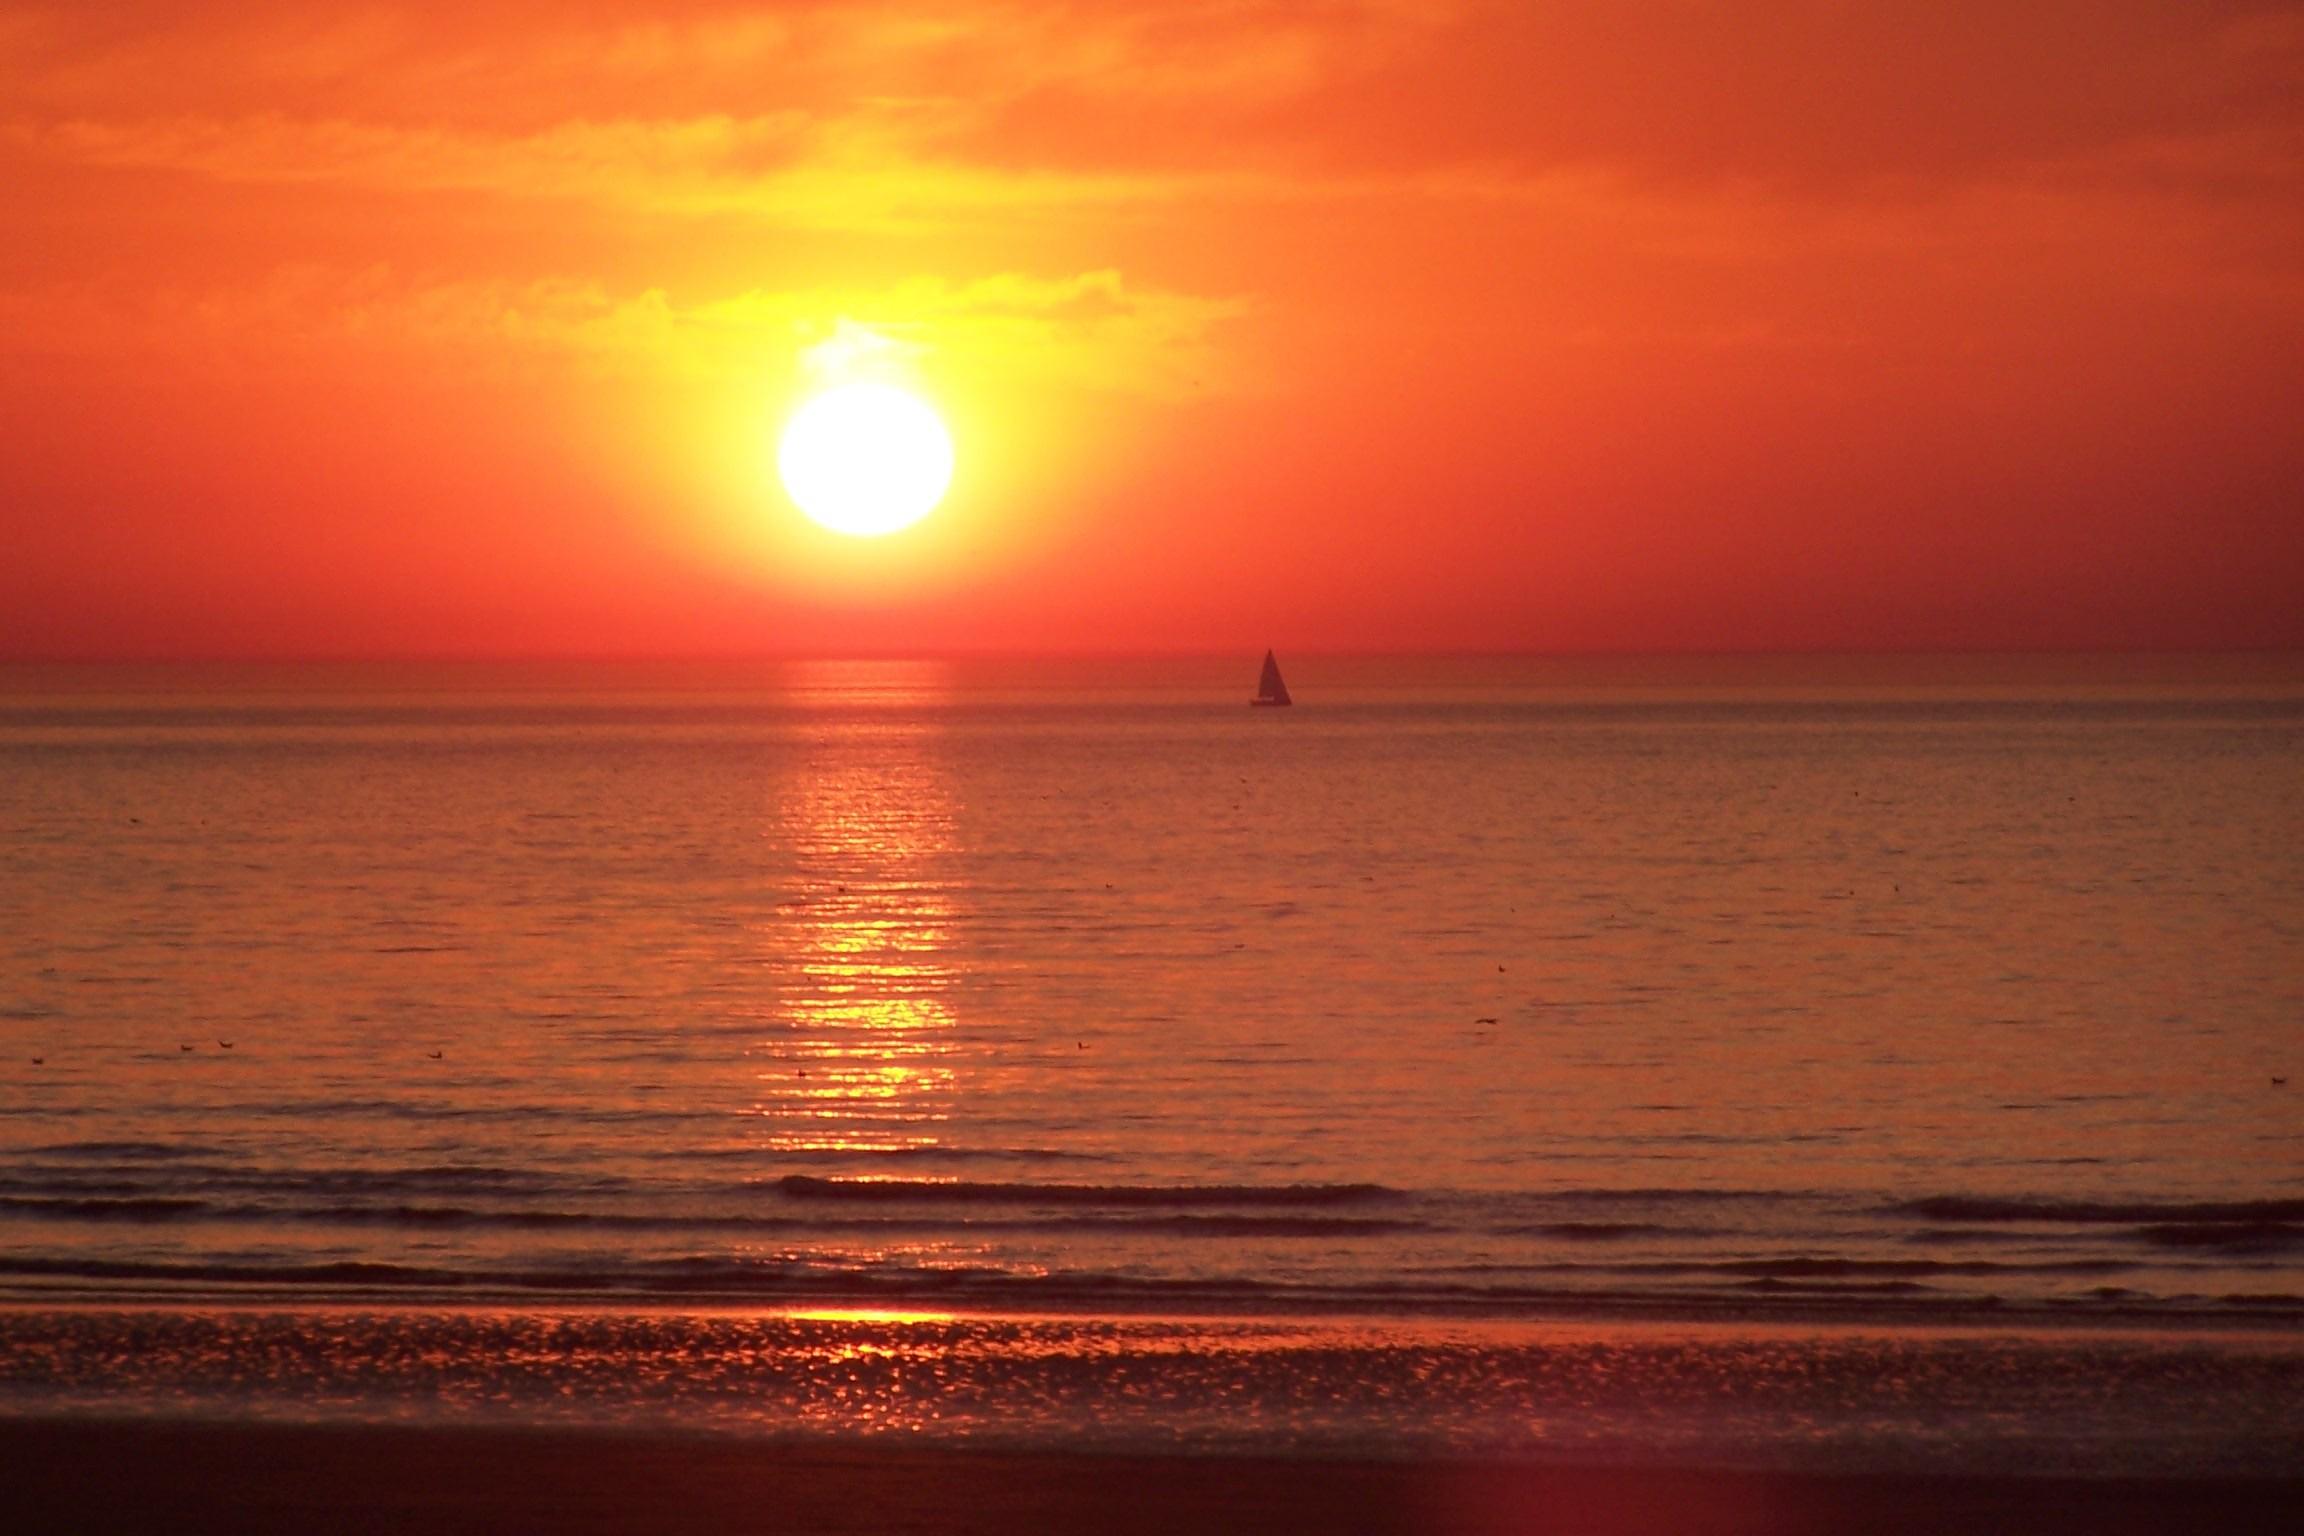 T l charger photos coucher de soleil gratuitement - Fond ecran coucher de soleil sur la mer ...